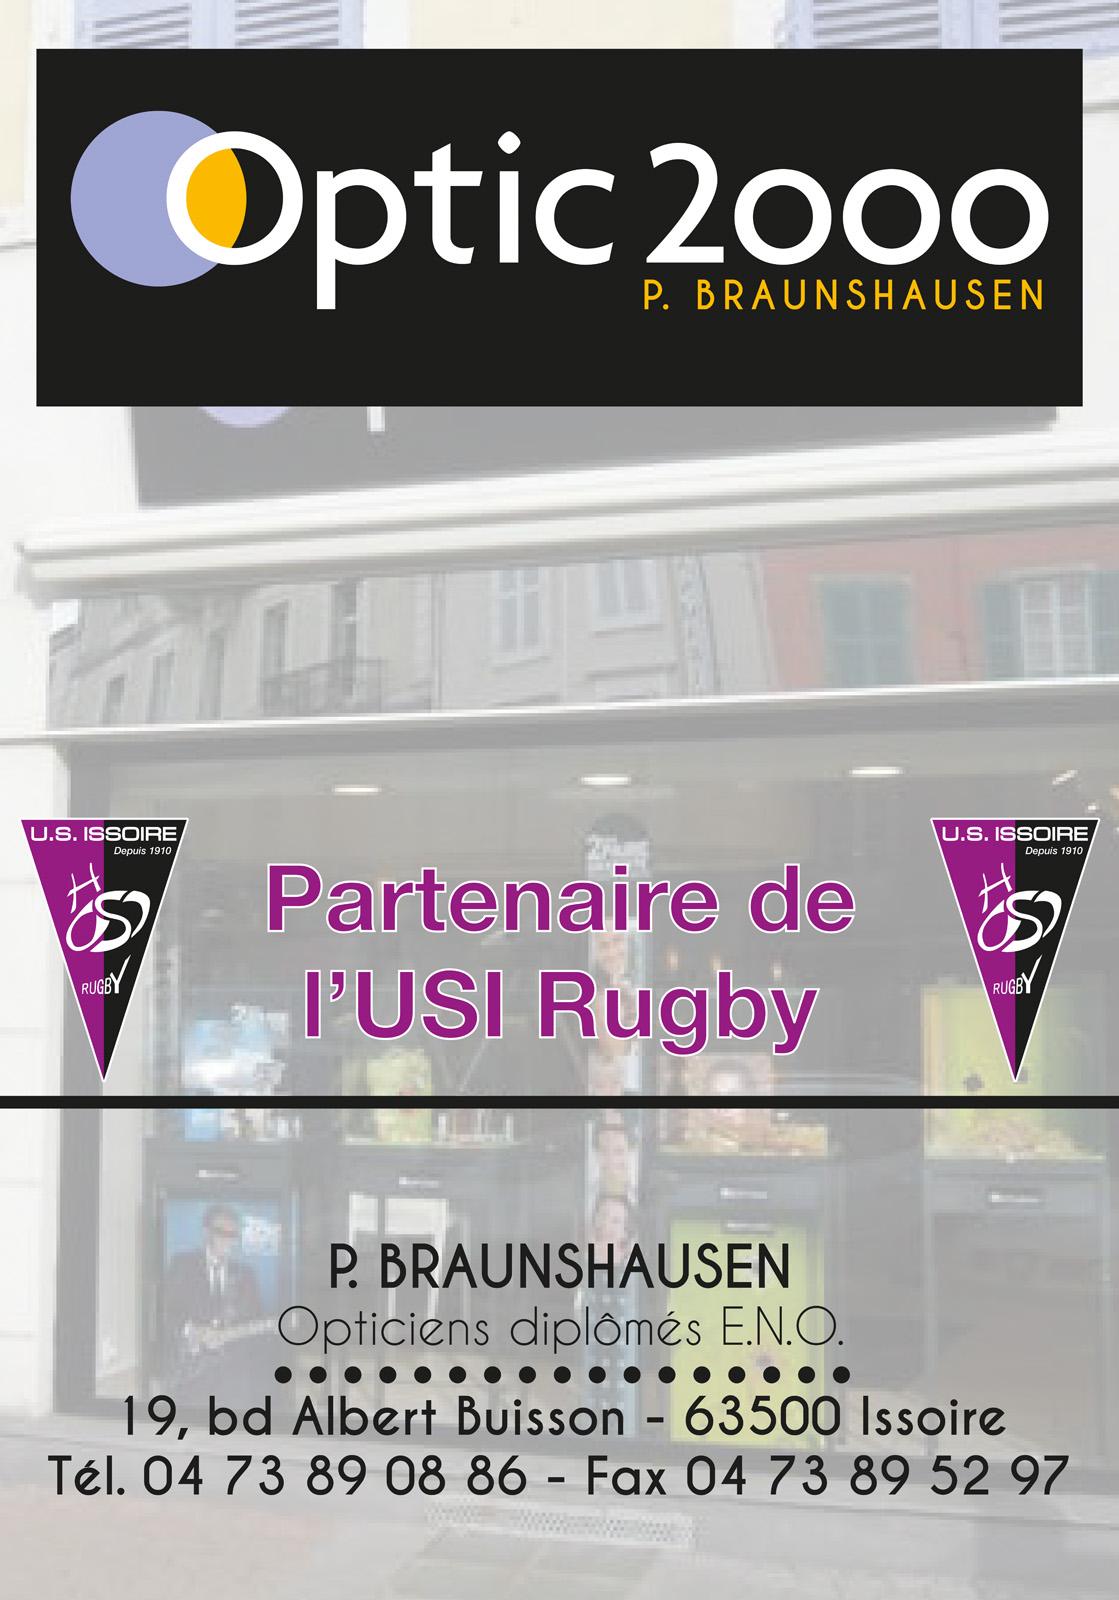 logo Optic 2000 - P. Braunshausen